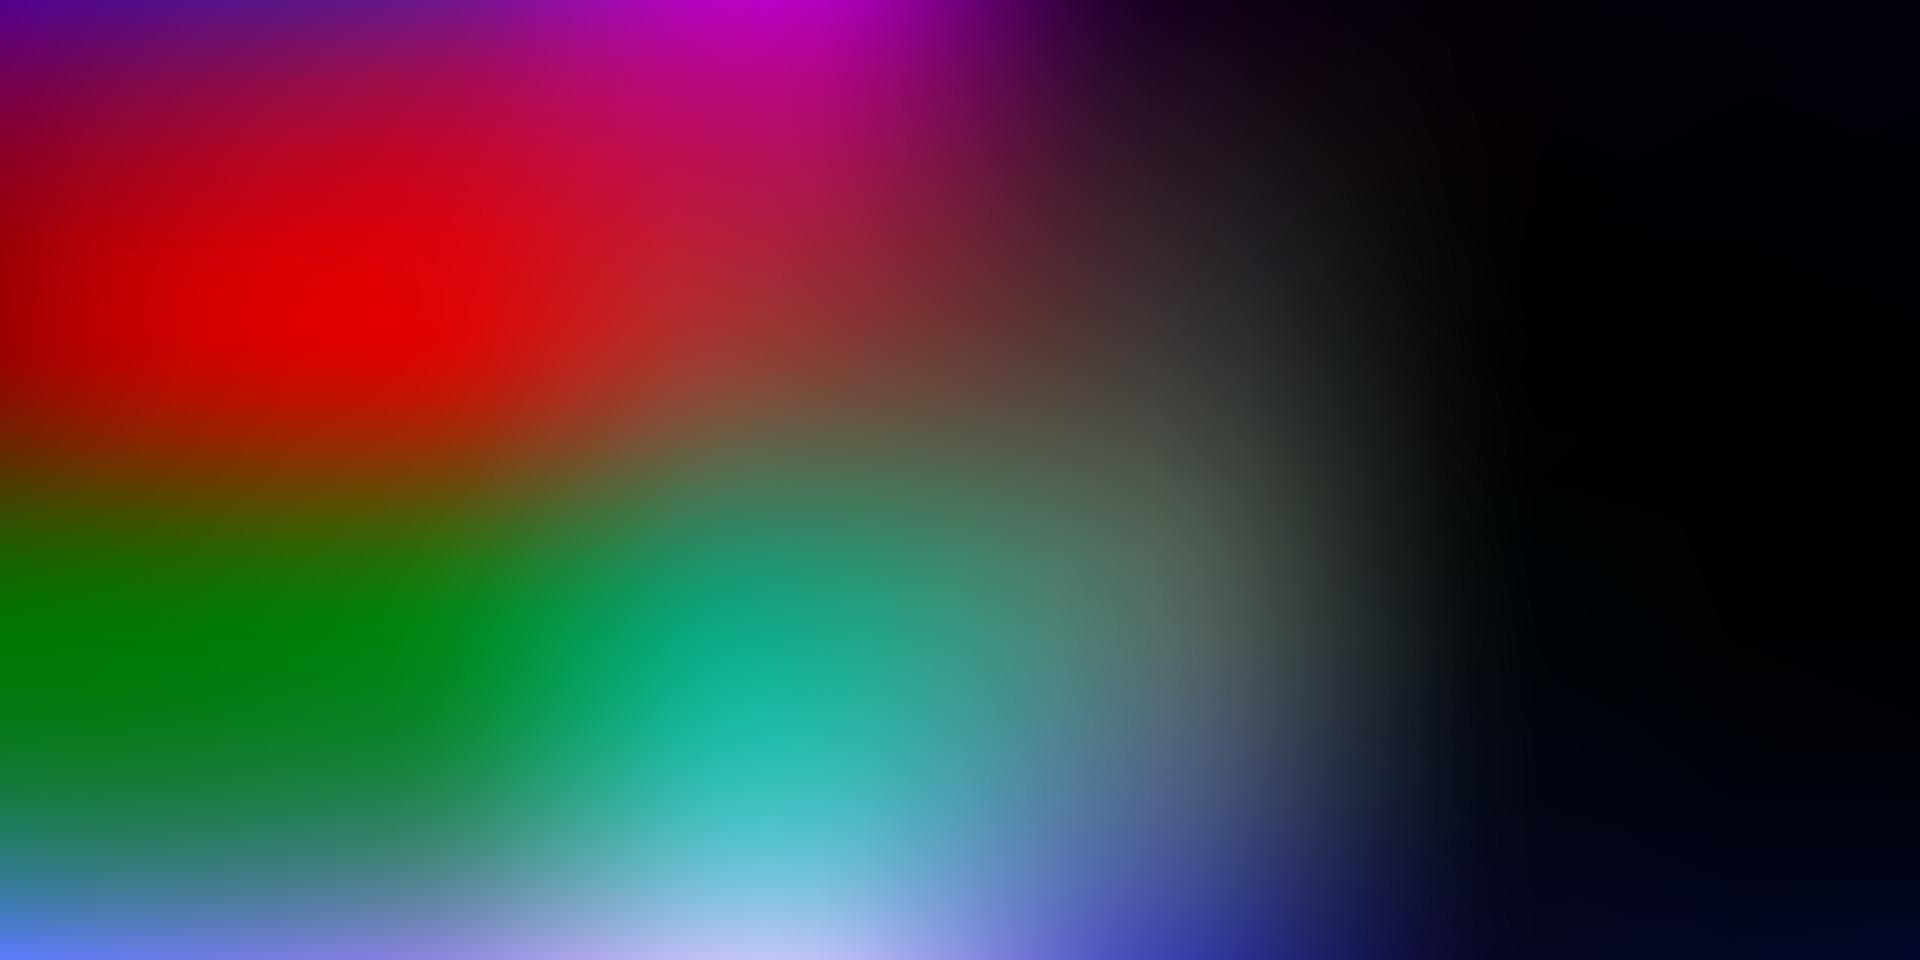 disegno di sfocatura vettoriale multicolore scuro.